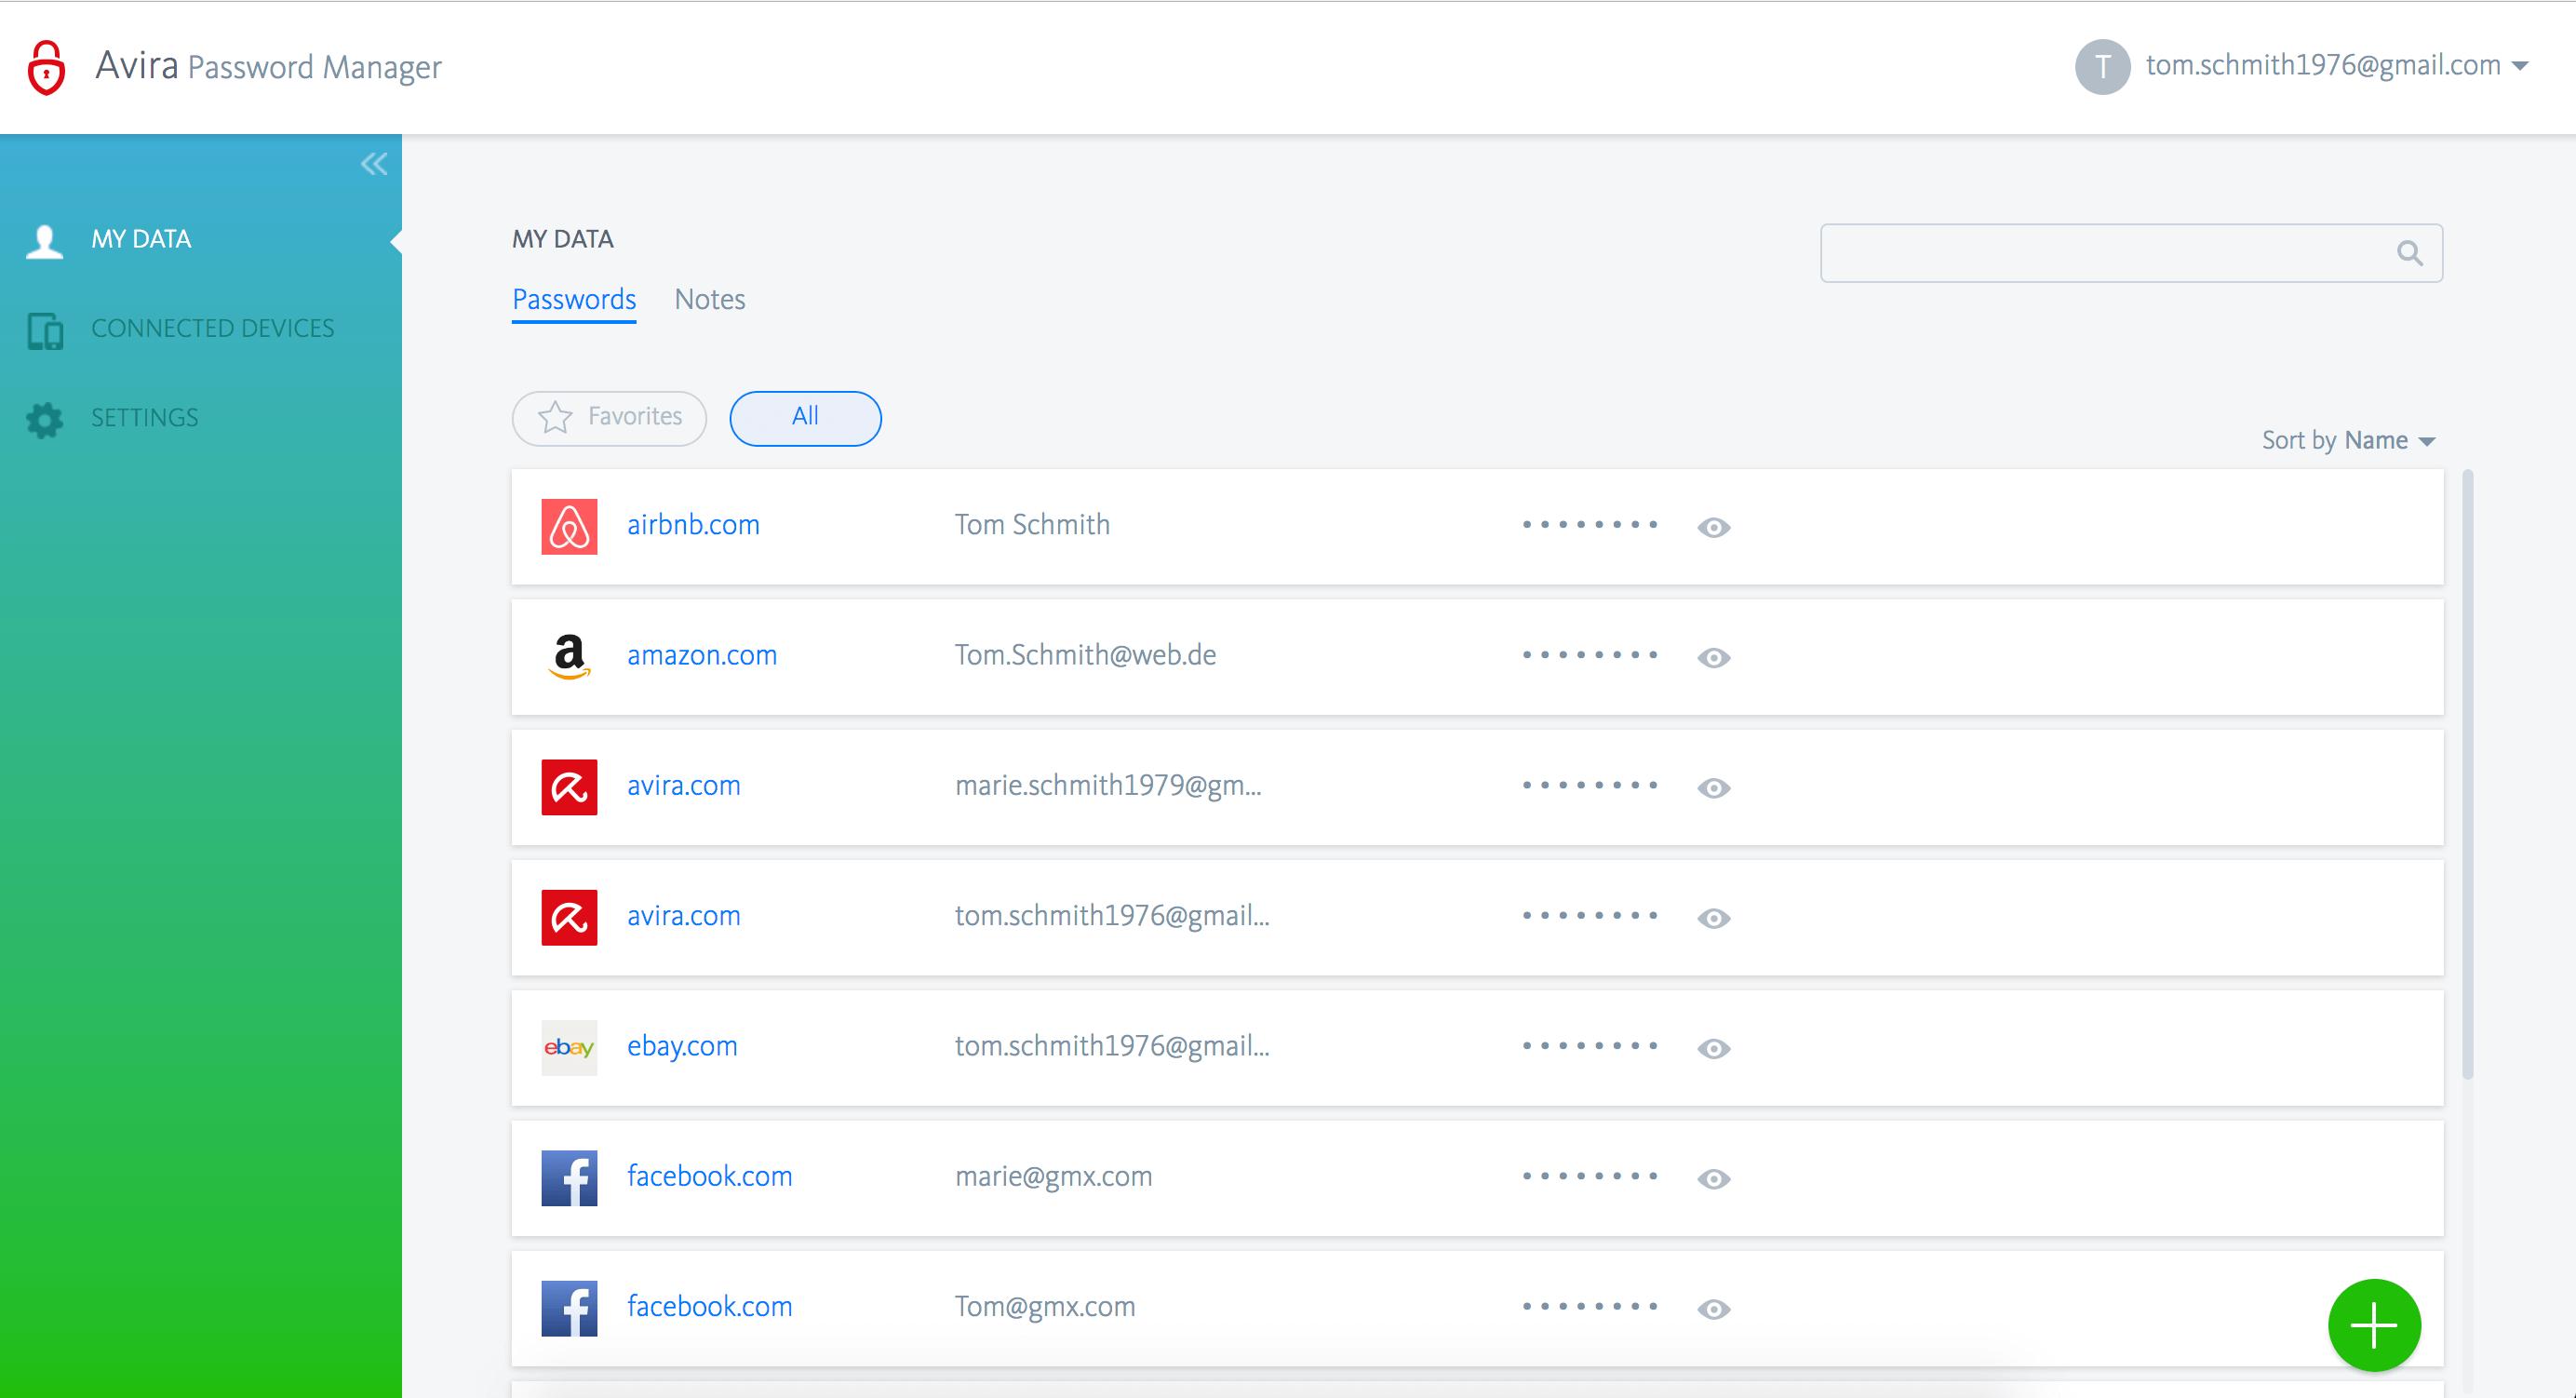 Resultado de imagem para Avira Password Manager